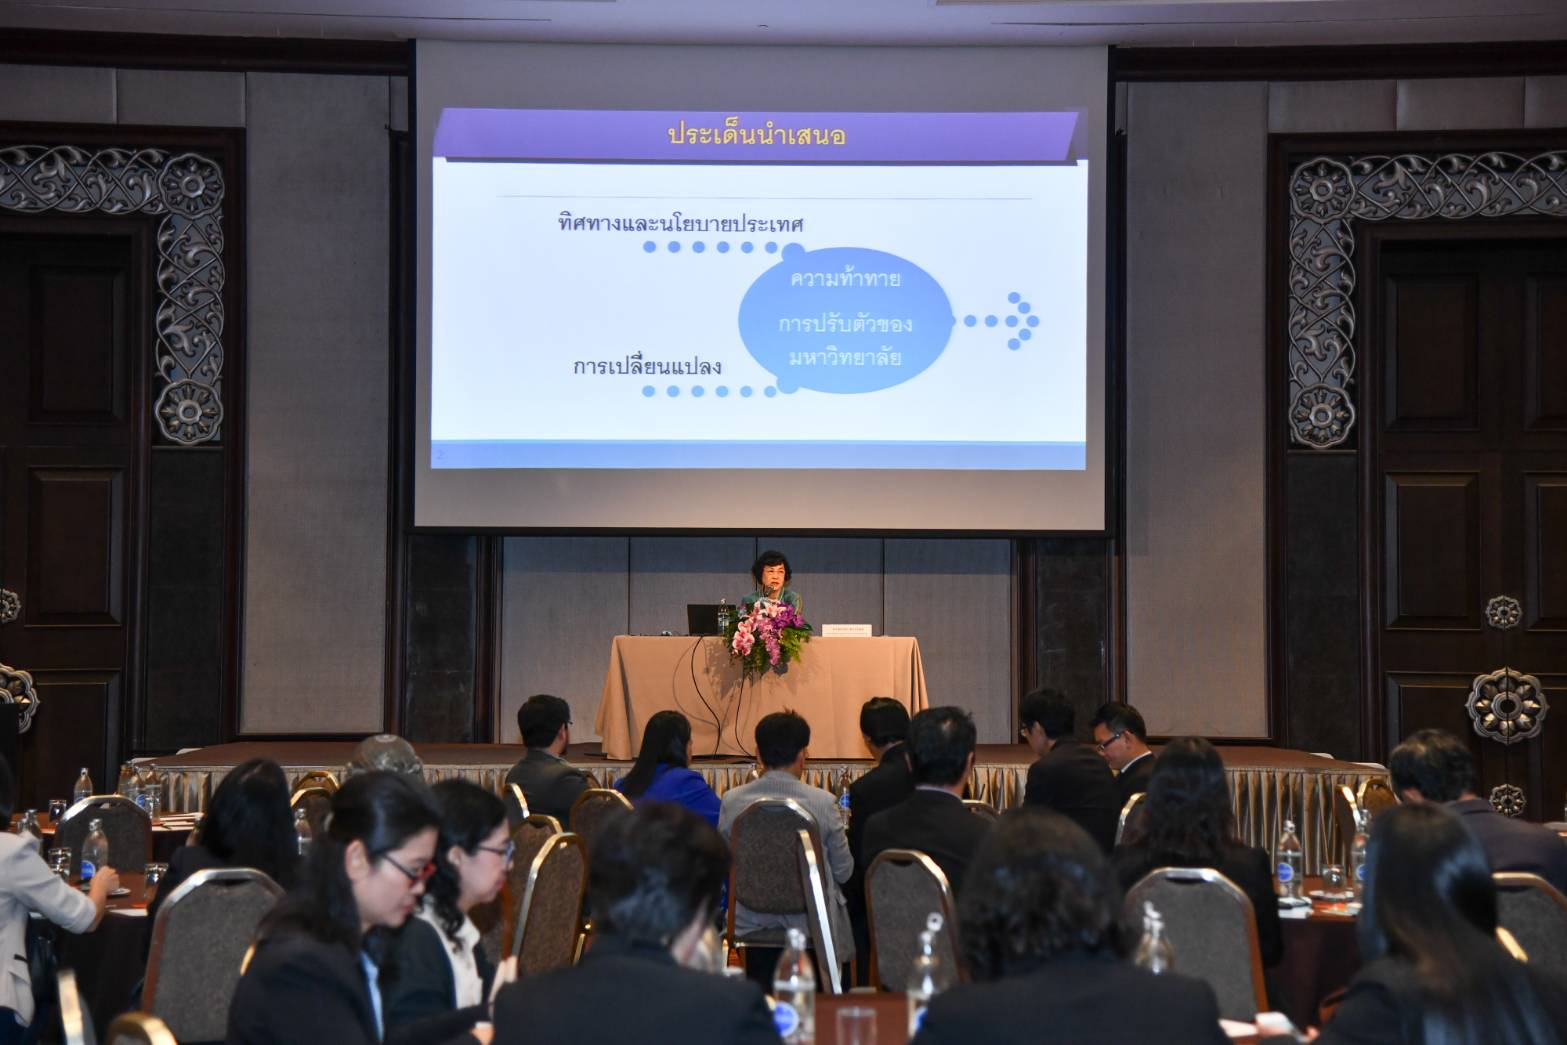 610806 รอง กต ประชุมผู้บริหารระดับสูงที่รับผิดชอบงานด้านต่างประเทศ 9